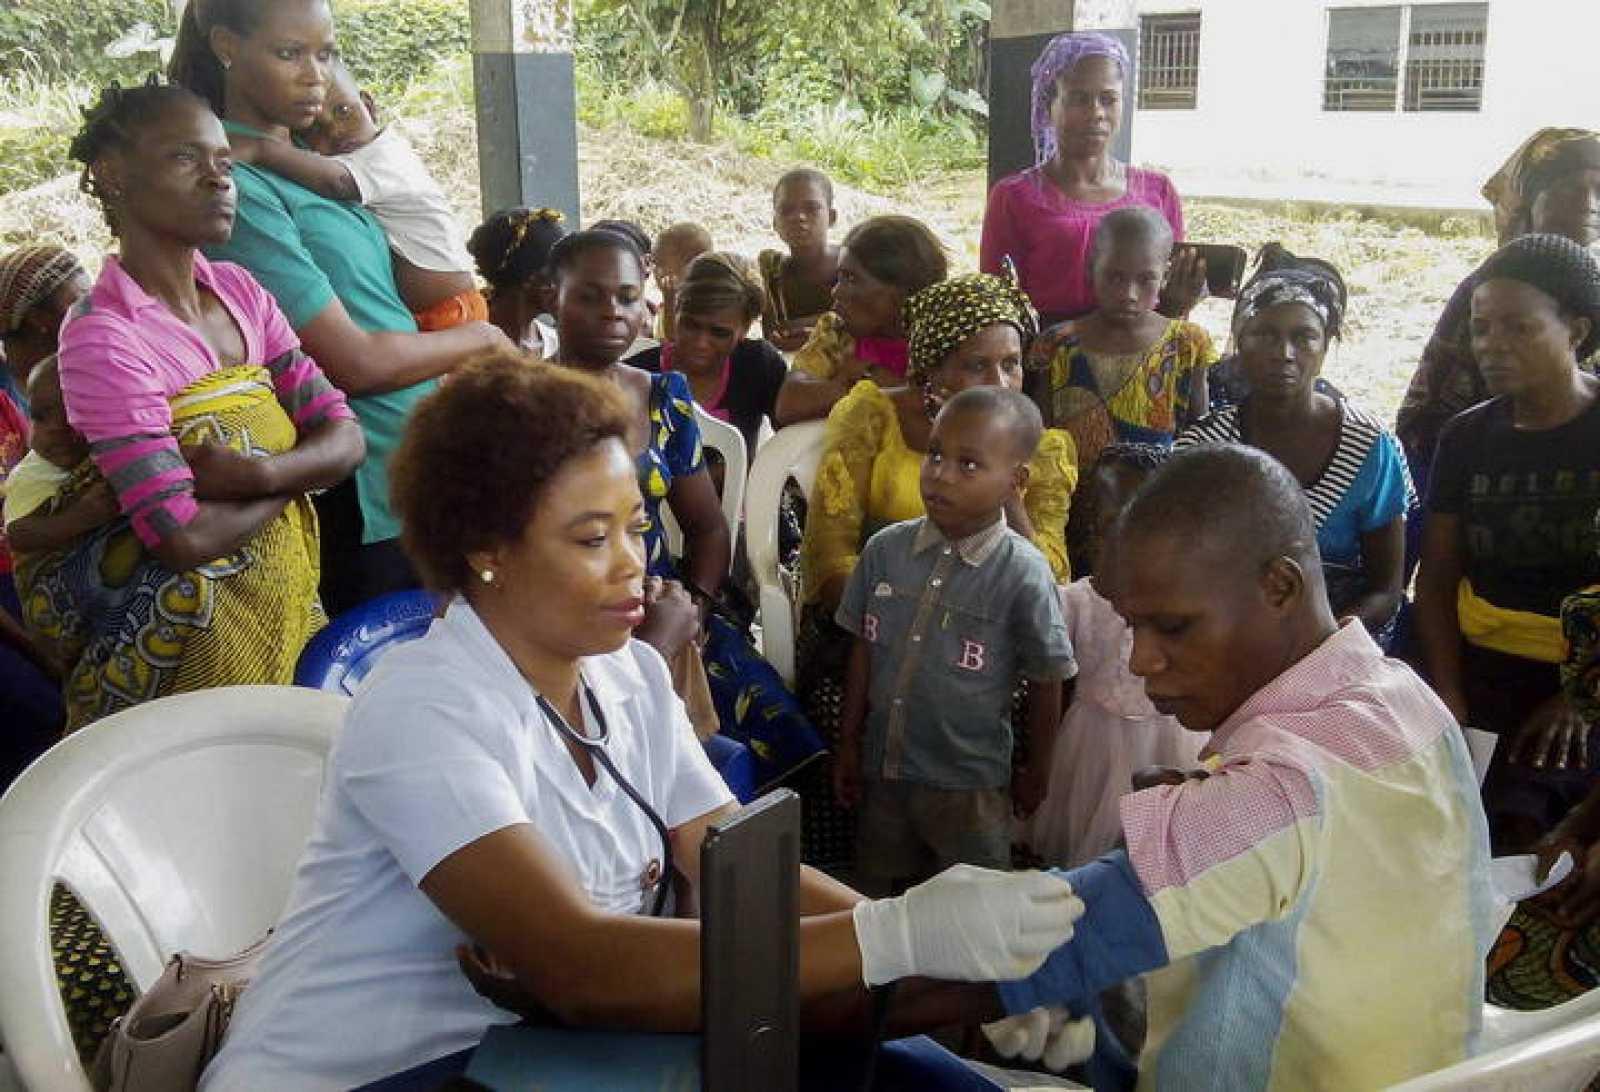 Una voluntaria en un programa de cuidado médico gratuito para la comunidad en Nigeria.